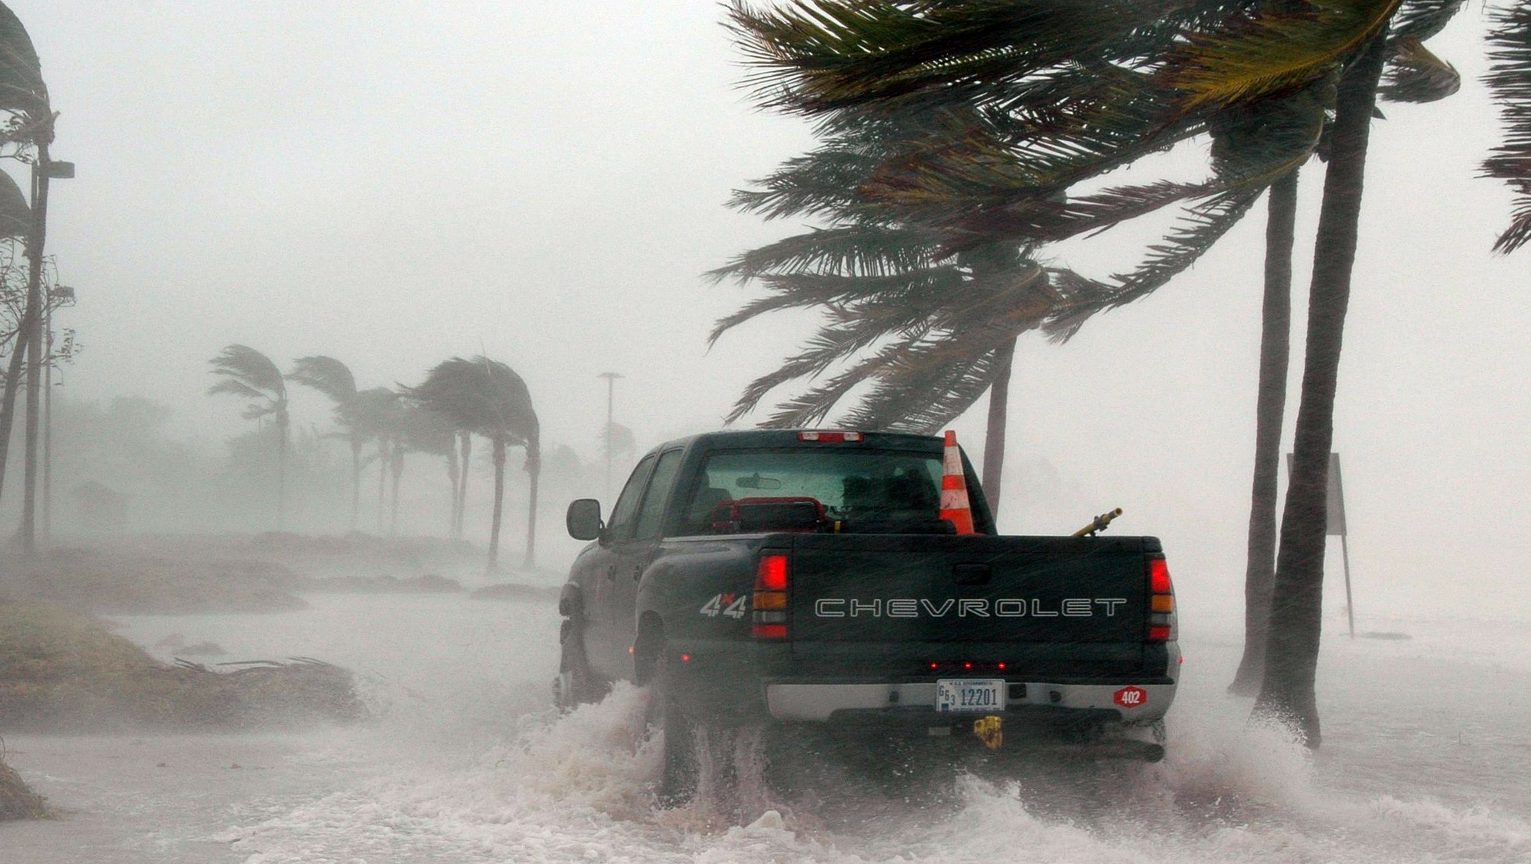 סערת ציקלון פגעה בהודו וגרמה לנזקים עצומים וסיכון גבוה להתפרצות הקורונה